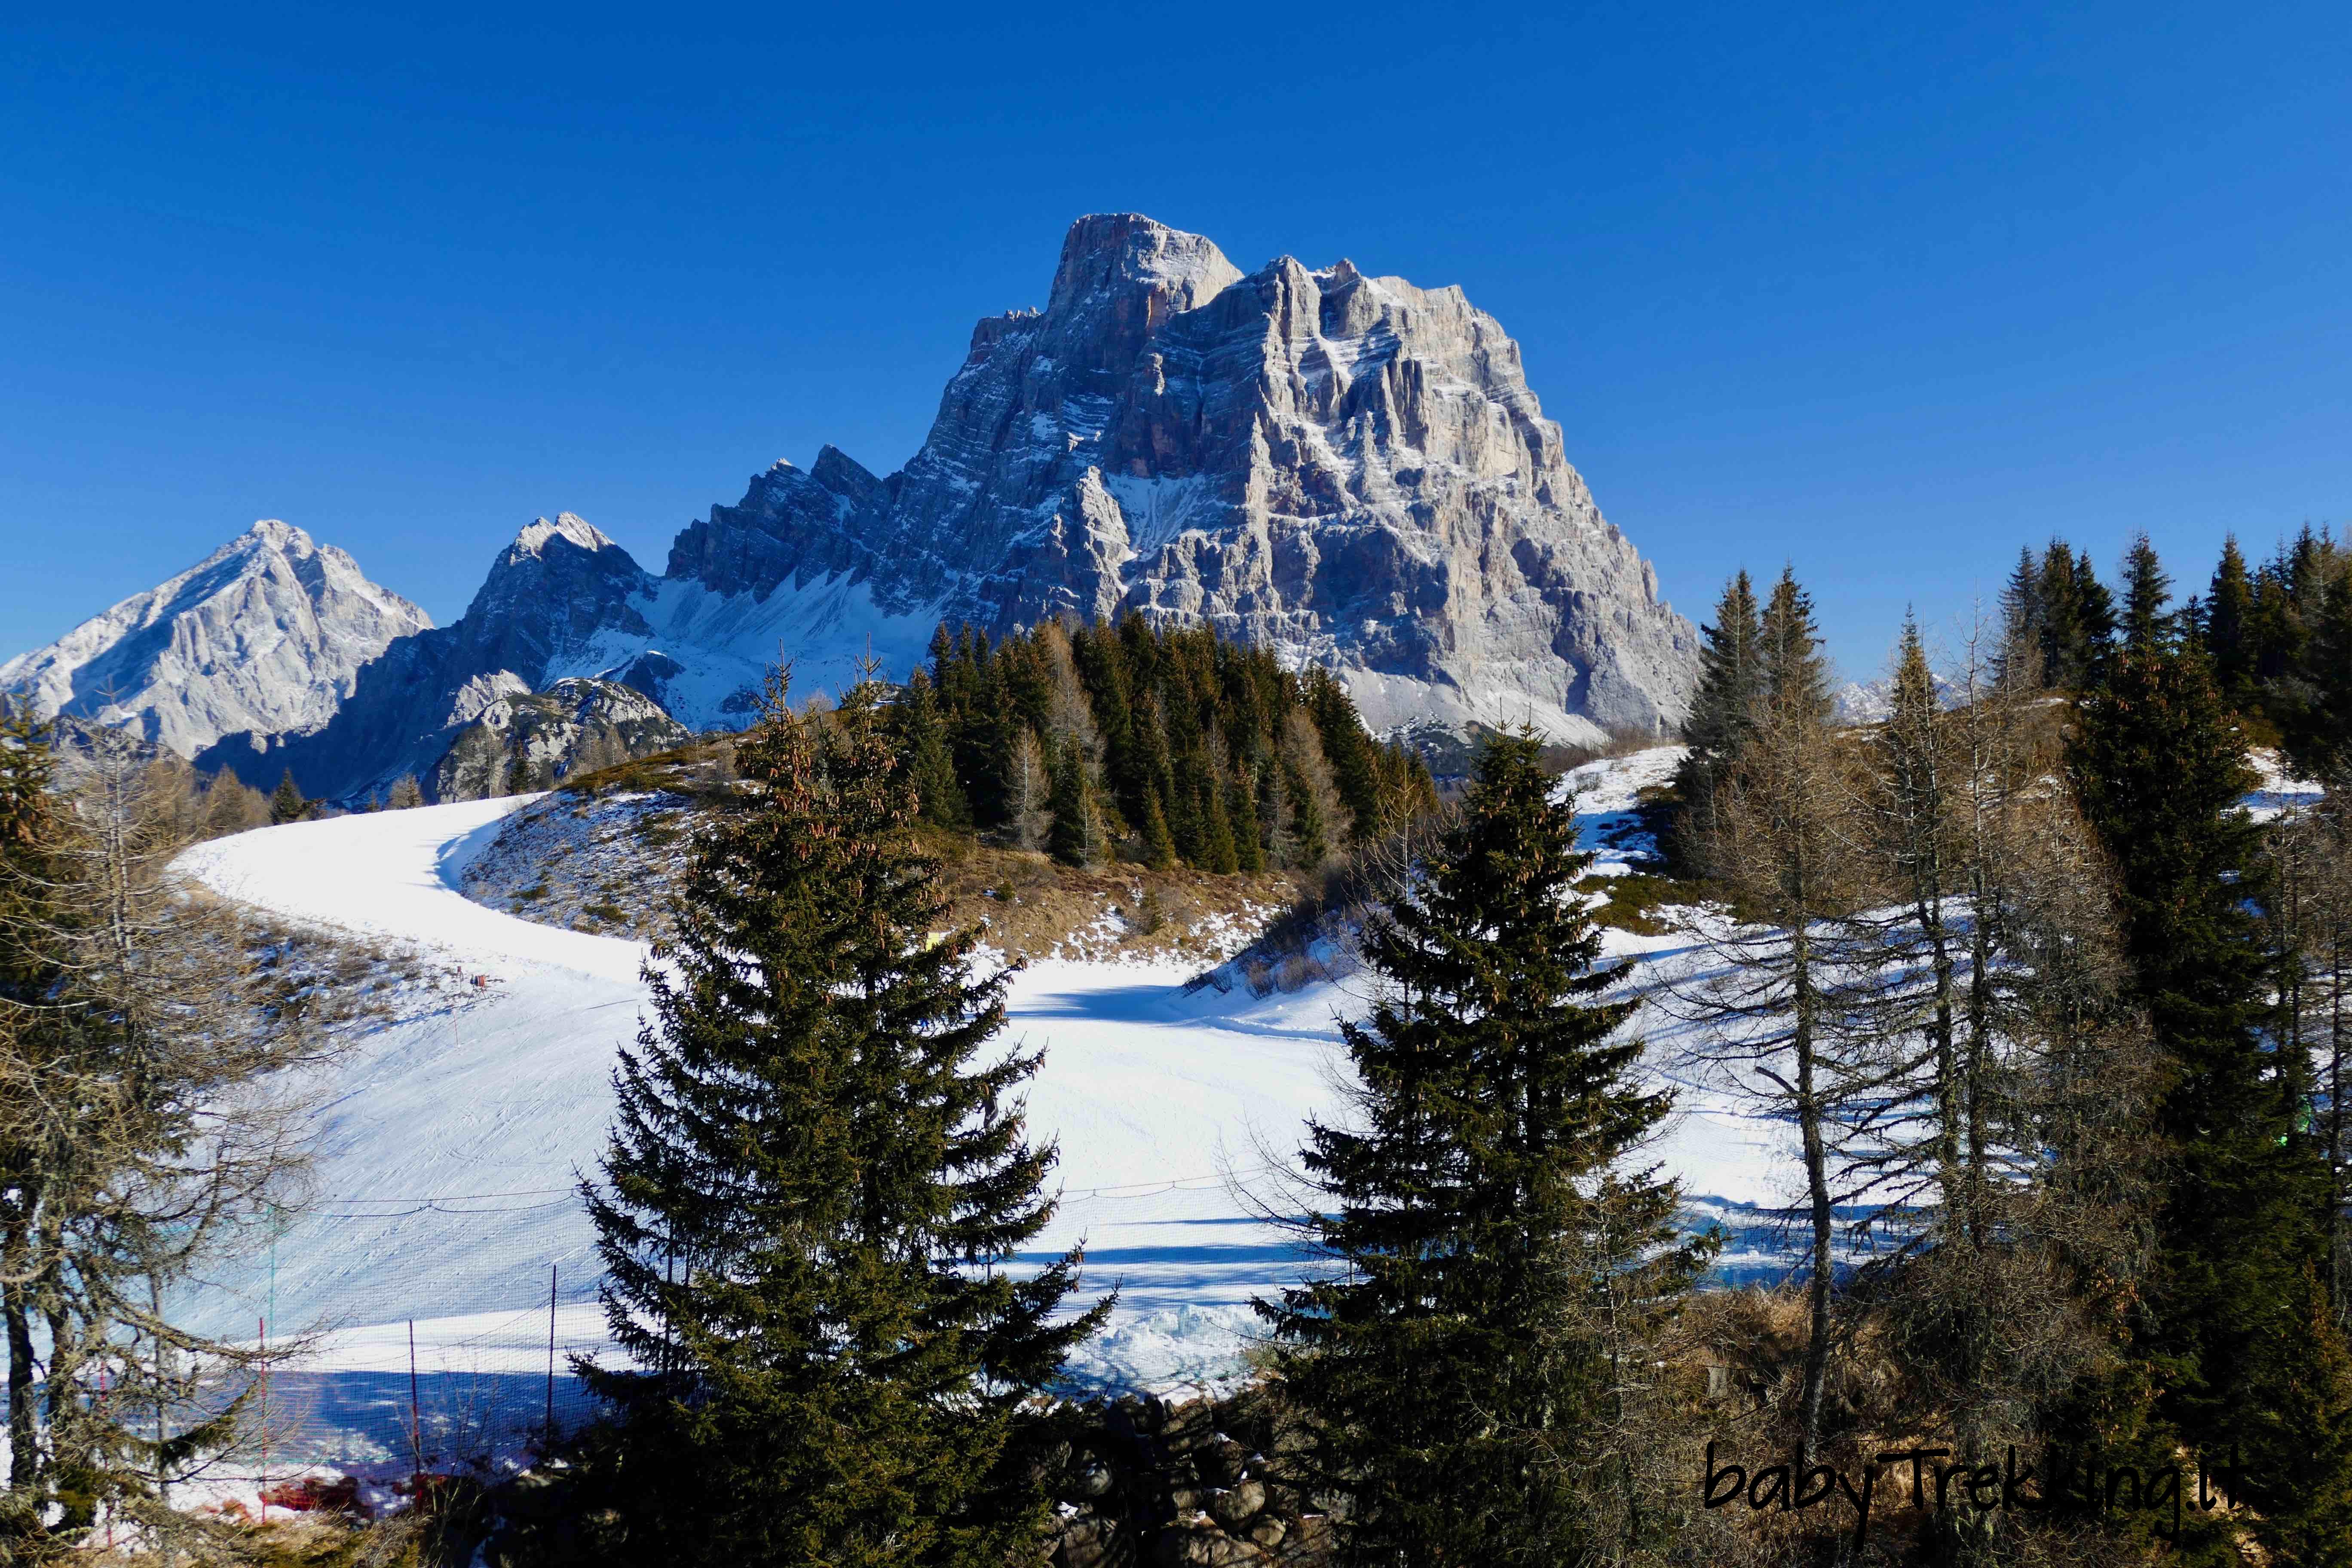 Valdi Zoldo e Selva di Cadore, una vacanza invernale coi bambini oltre lo sci